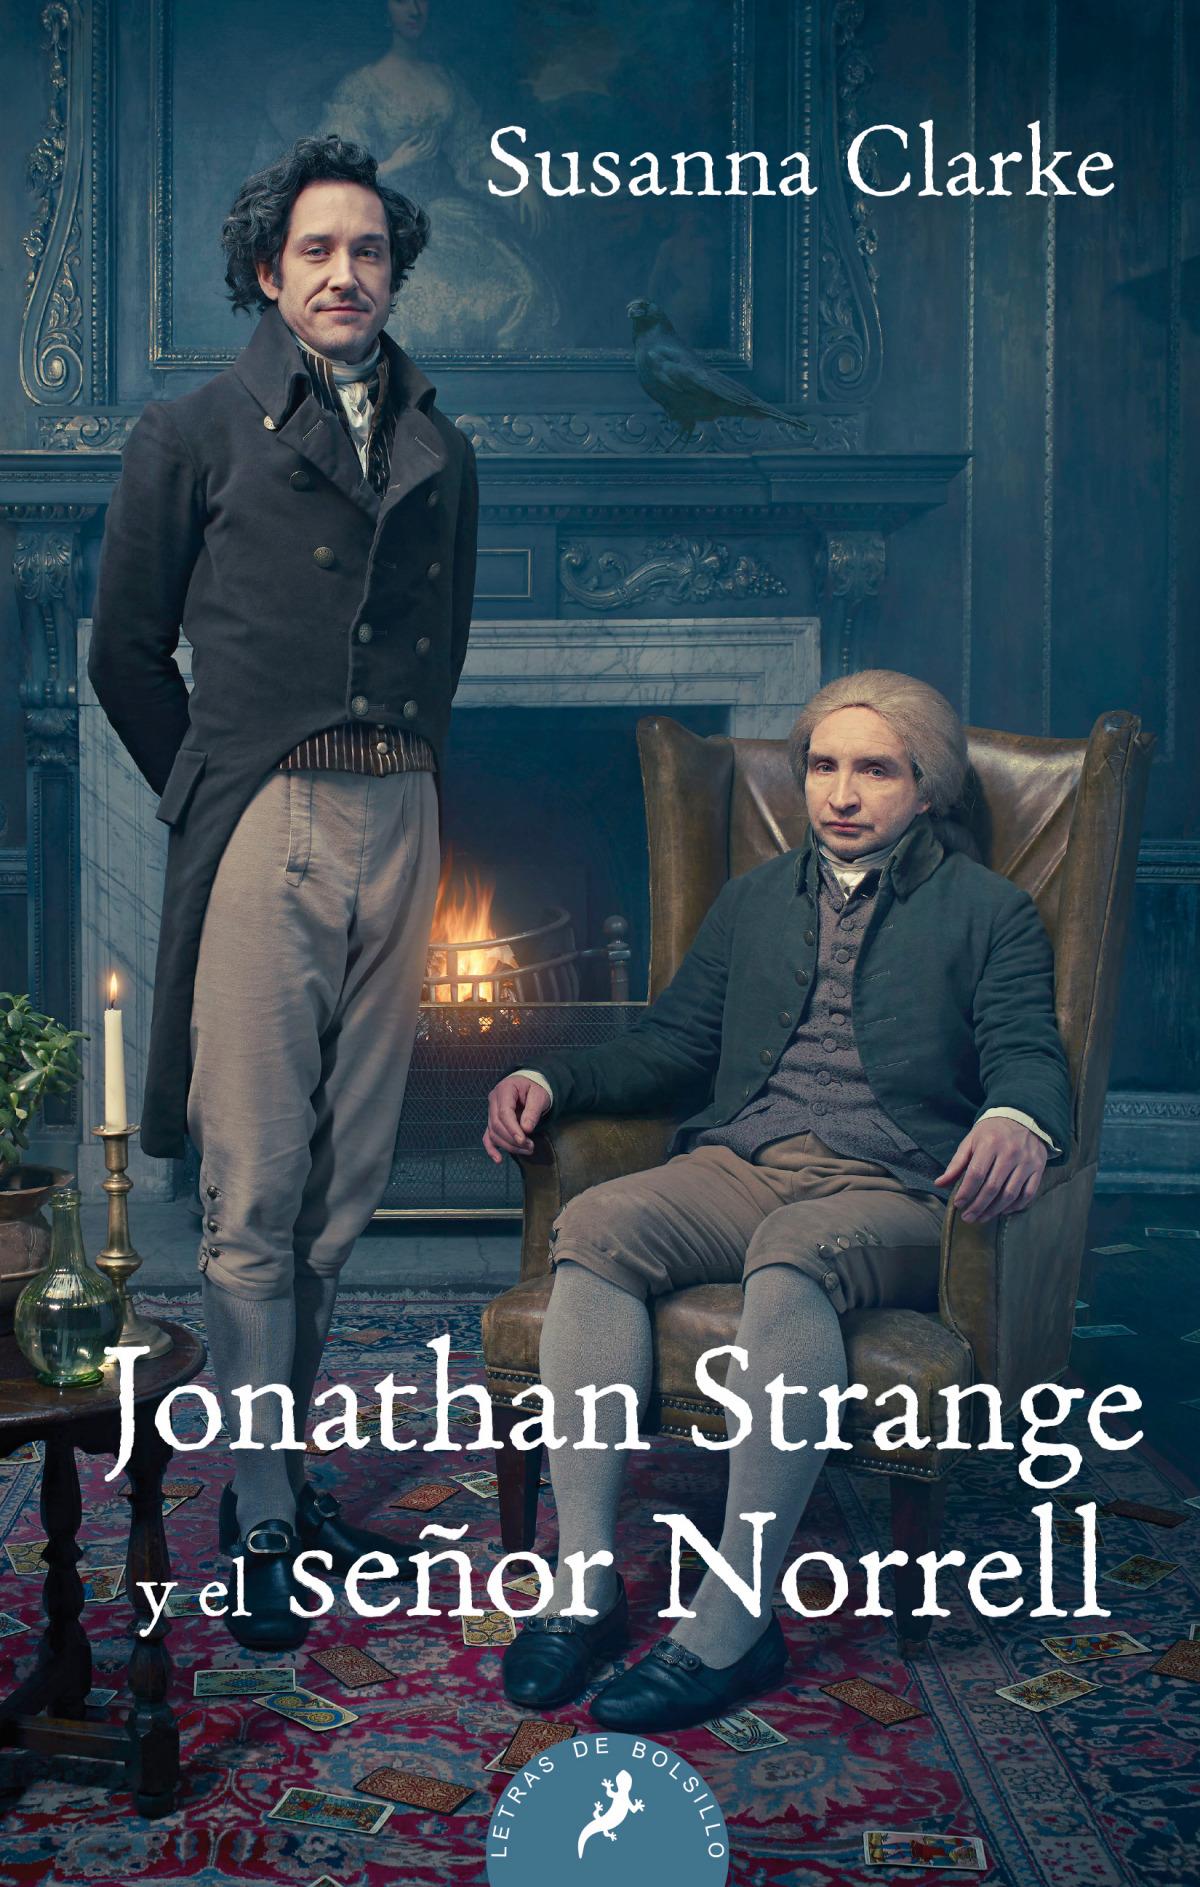 Jonathan Strange y el señor Norrell 9788498387308